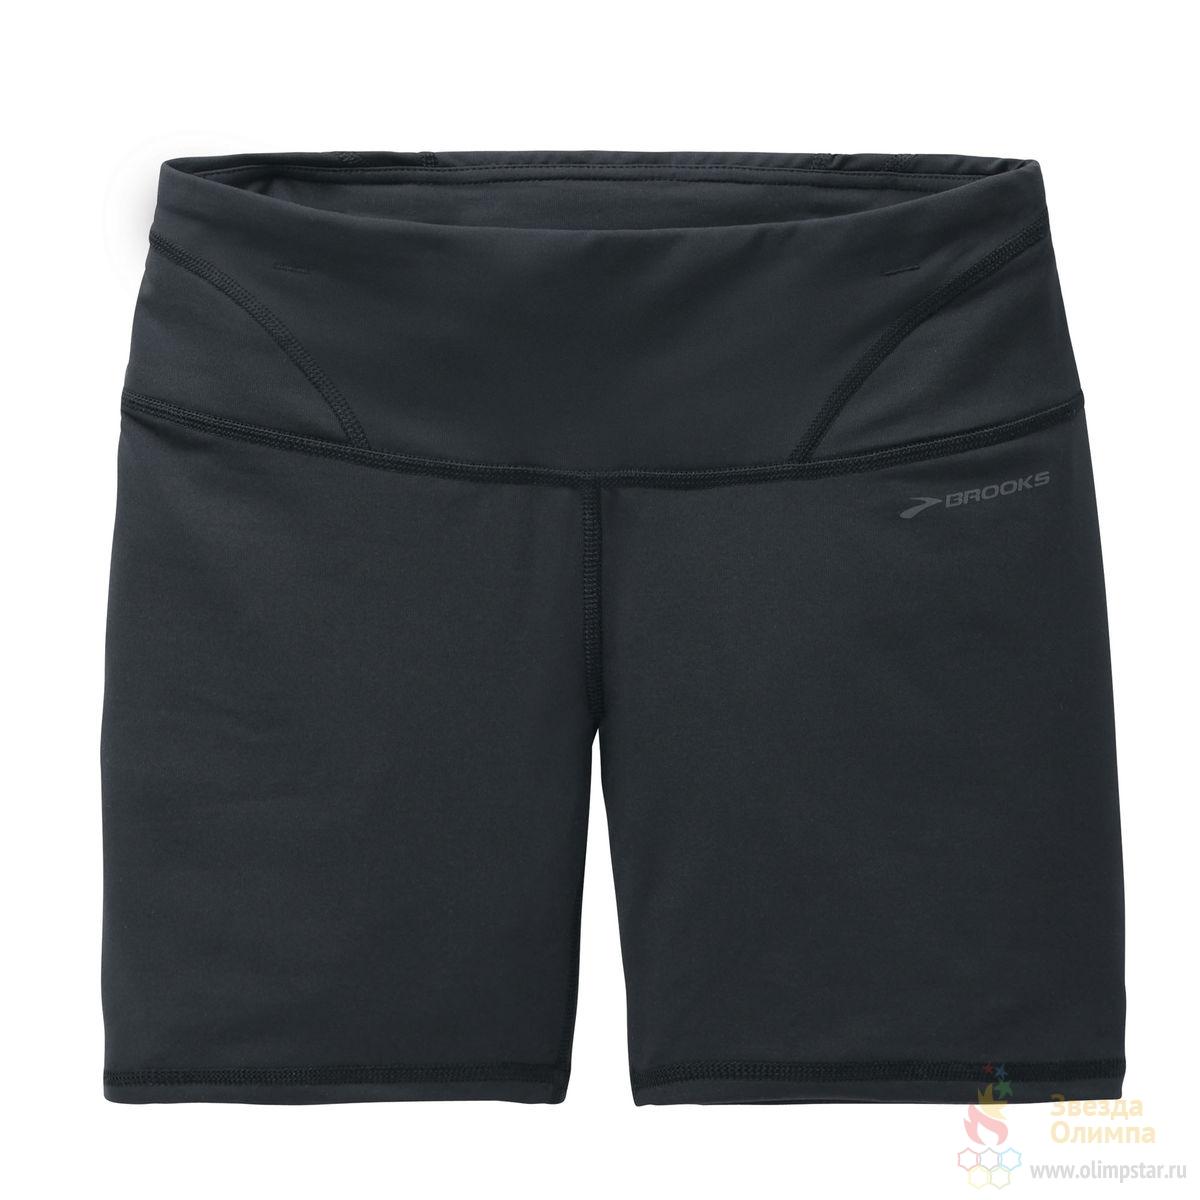 Купить Тайтсы беговые BROOKS 2016 Infiniti 7 Short Tight III Одежда для бега и фитнеса 1254041